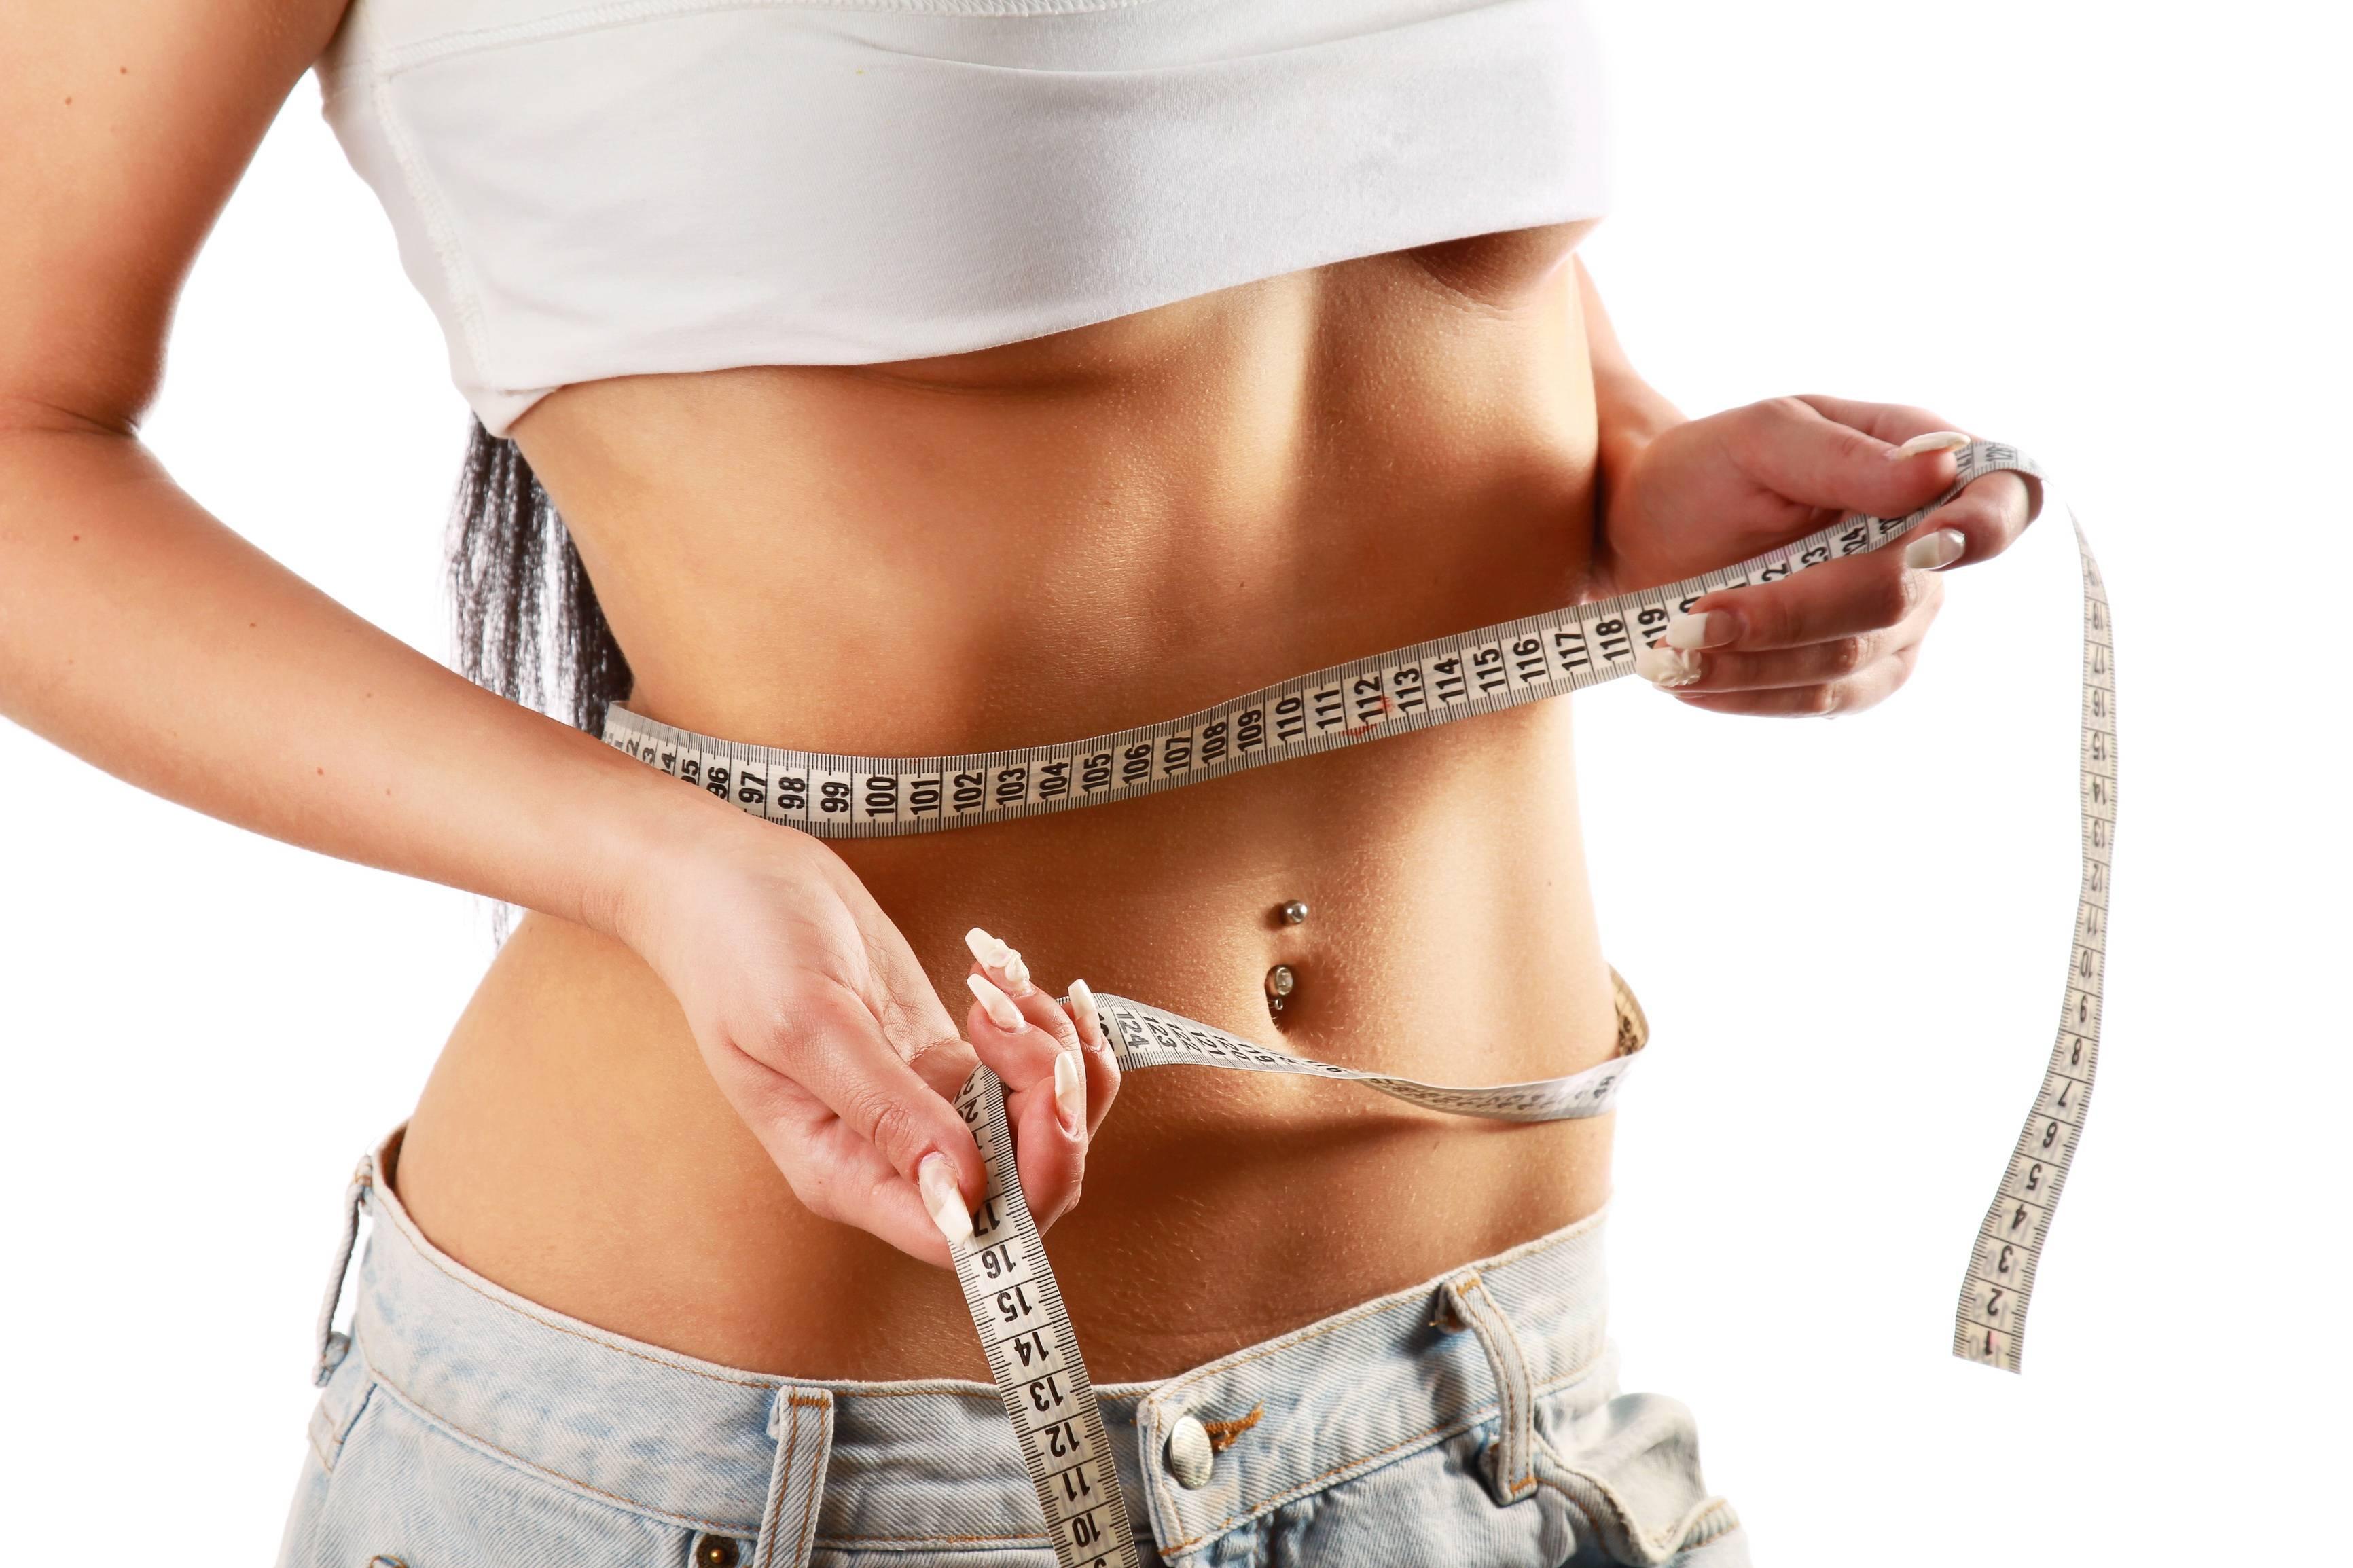 Тренировки по активизации жирового обмена  тренировки по активизации жирового обмена